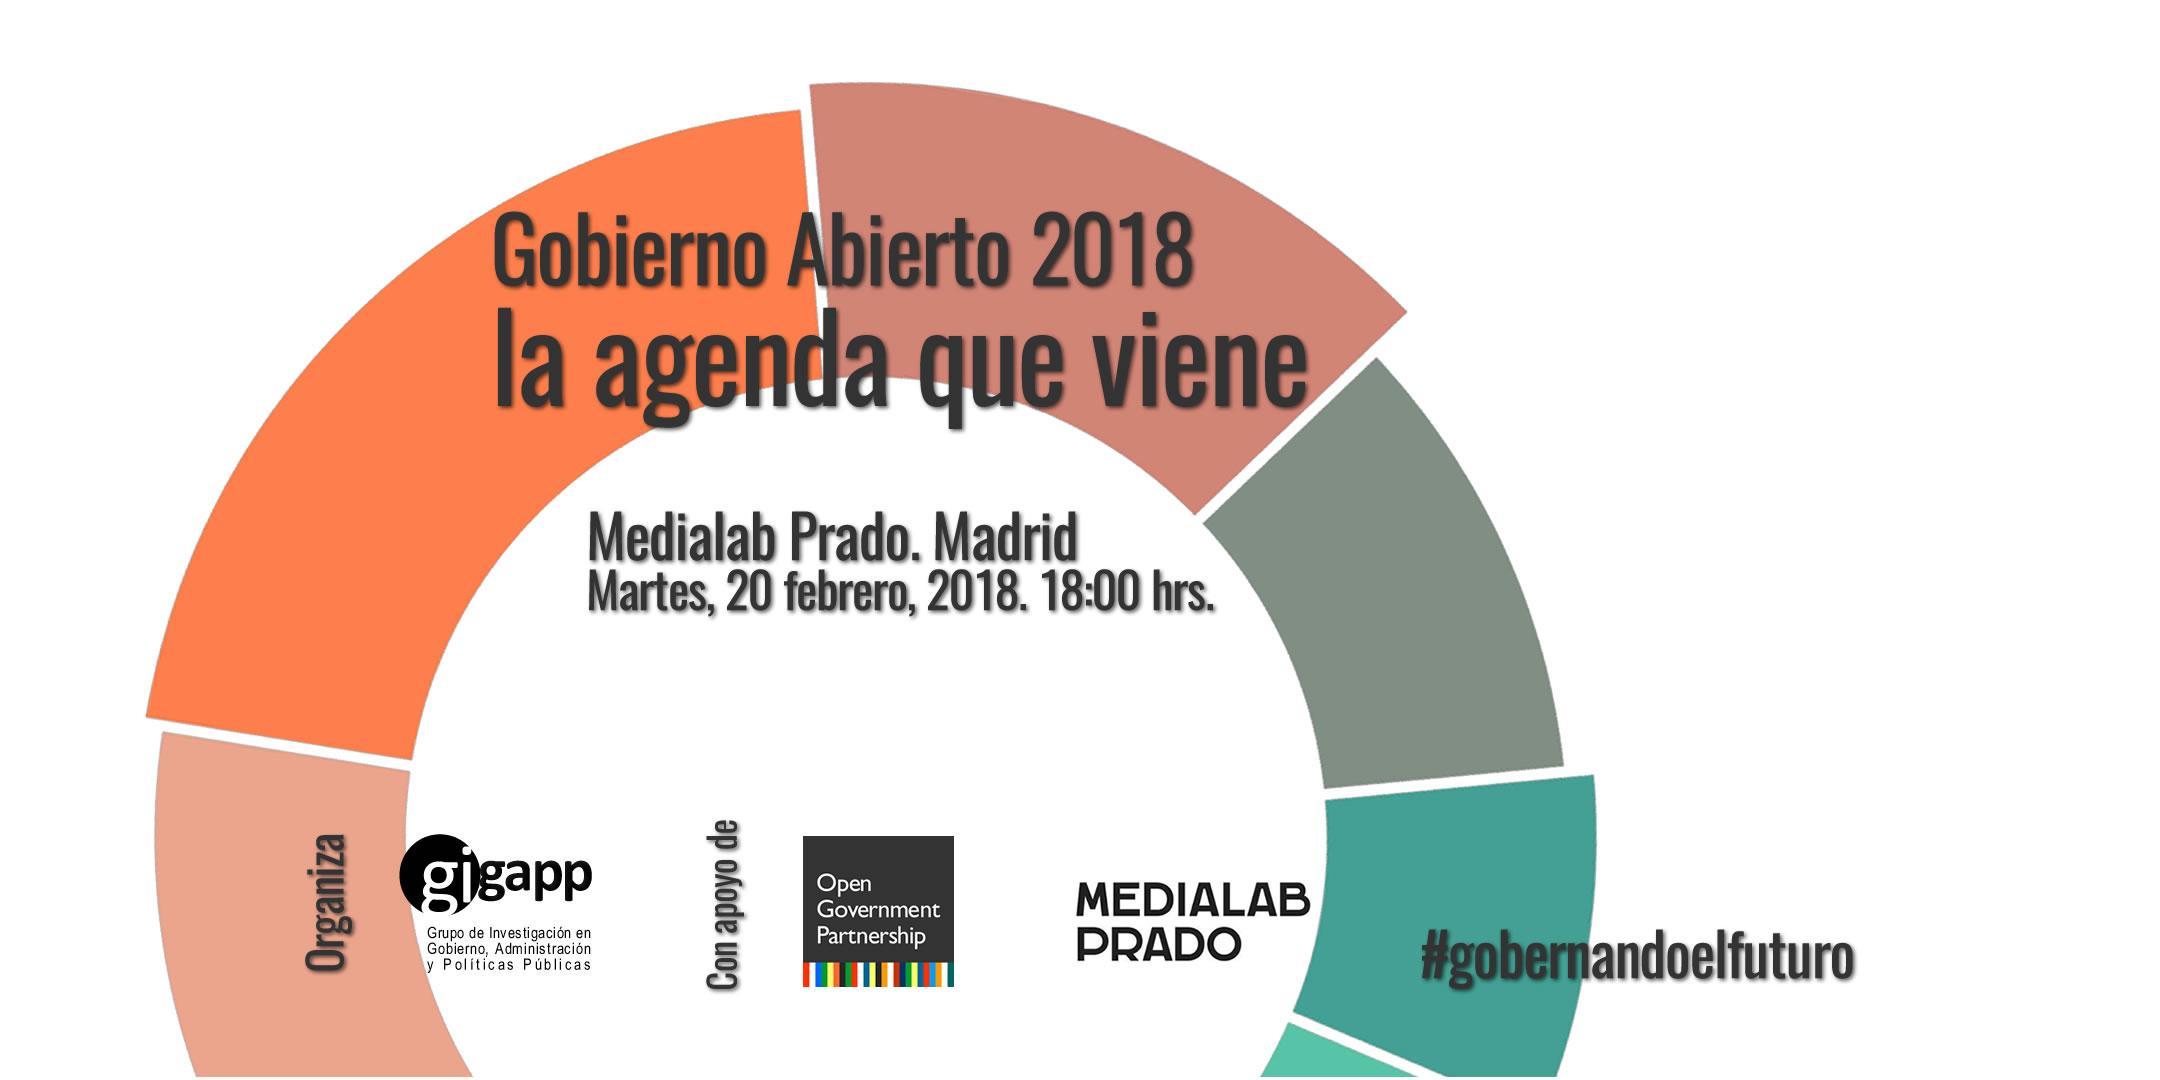 Gobierno Abierto 2018: la agenda que viene